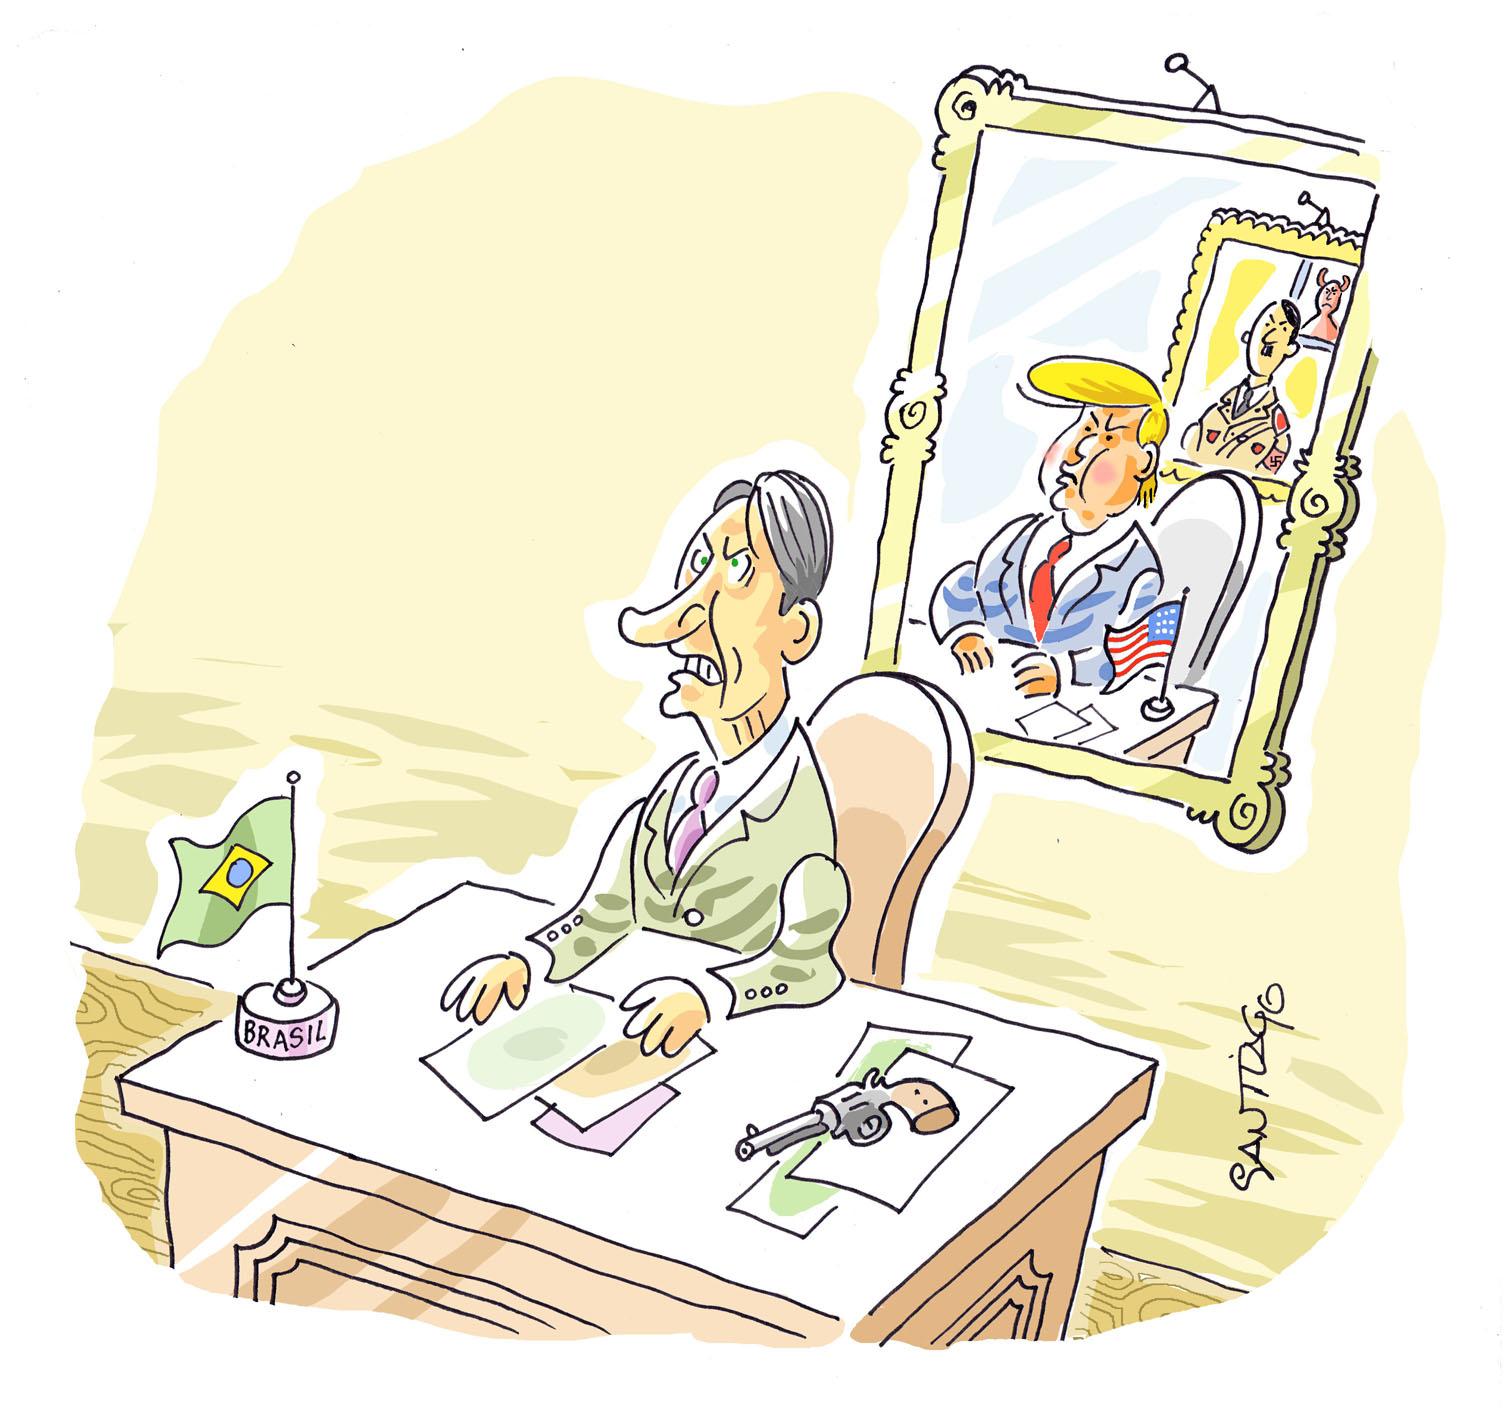 """Cartum inédito de Santiago, especialmente cedido para  Rua da Margem , destaca o posicionamento crítico que marca a obra multipremiada do artista: """"Bons desenhos sempre mostram a opinião do cartunista"""""""